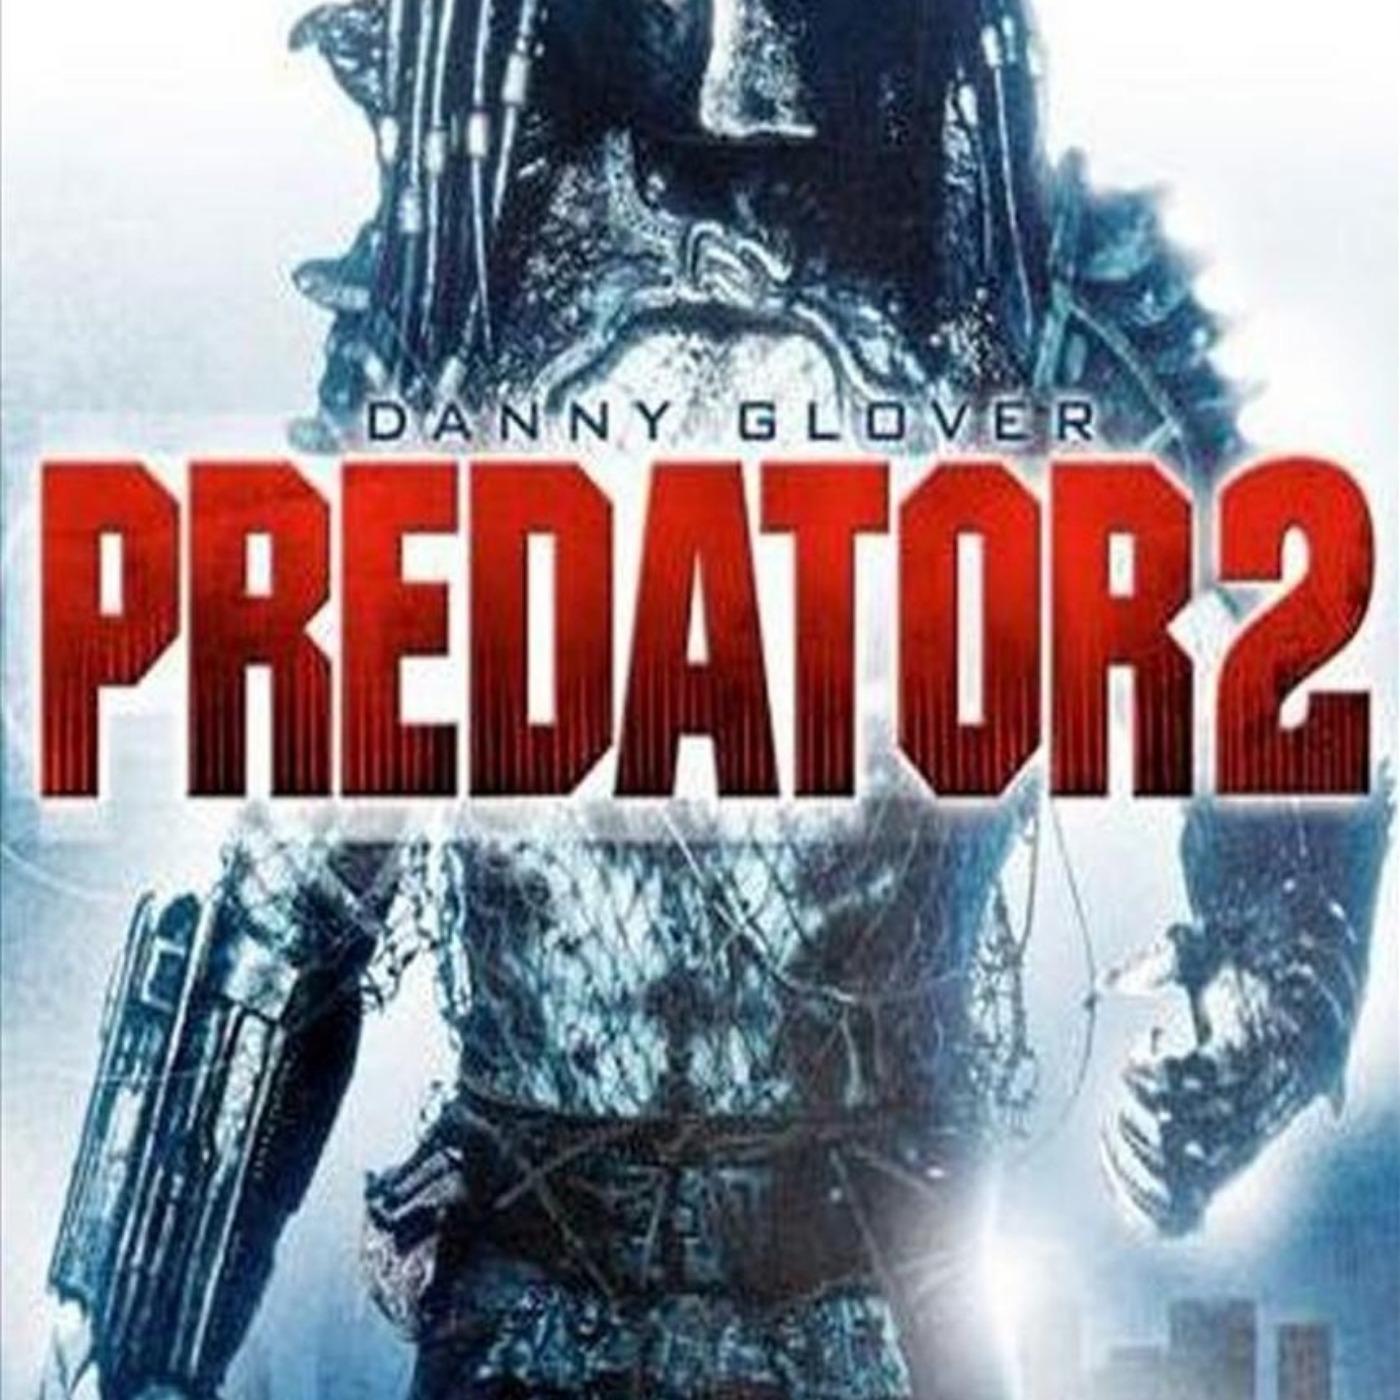 PODCAST CINEMA | CRITIQUE DU FILM Predator 2 - CinéMaRadio